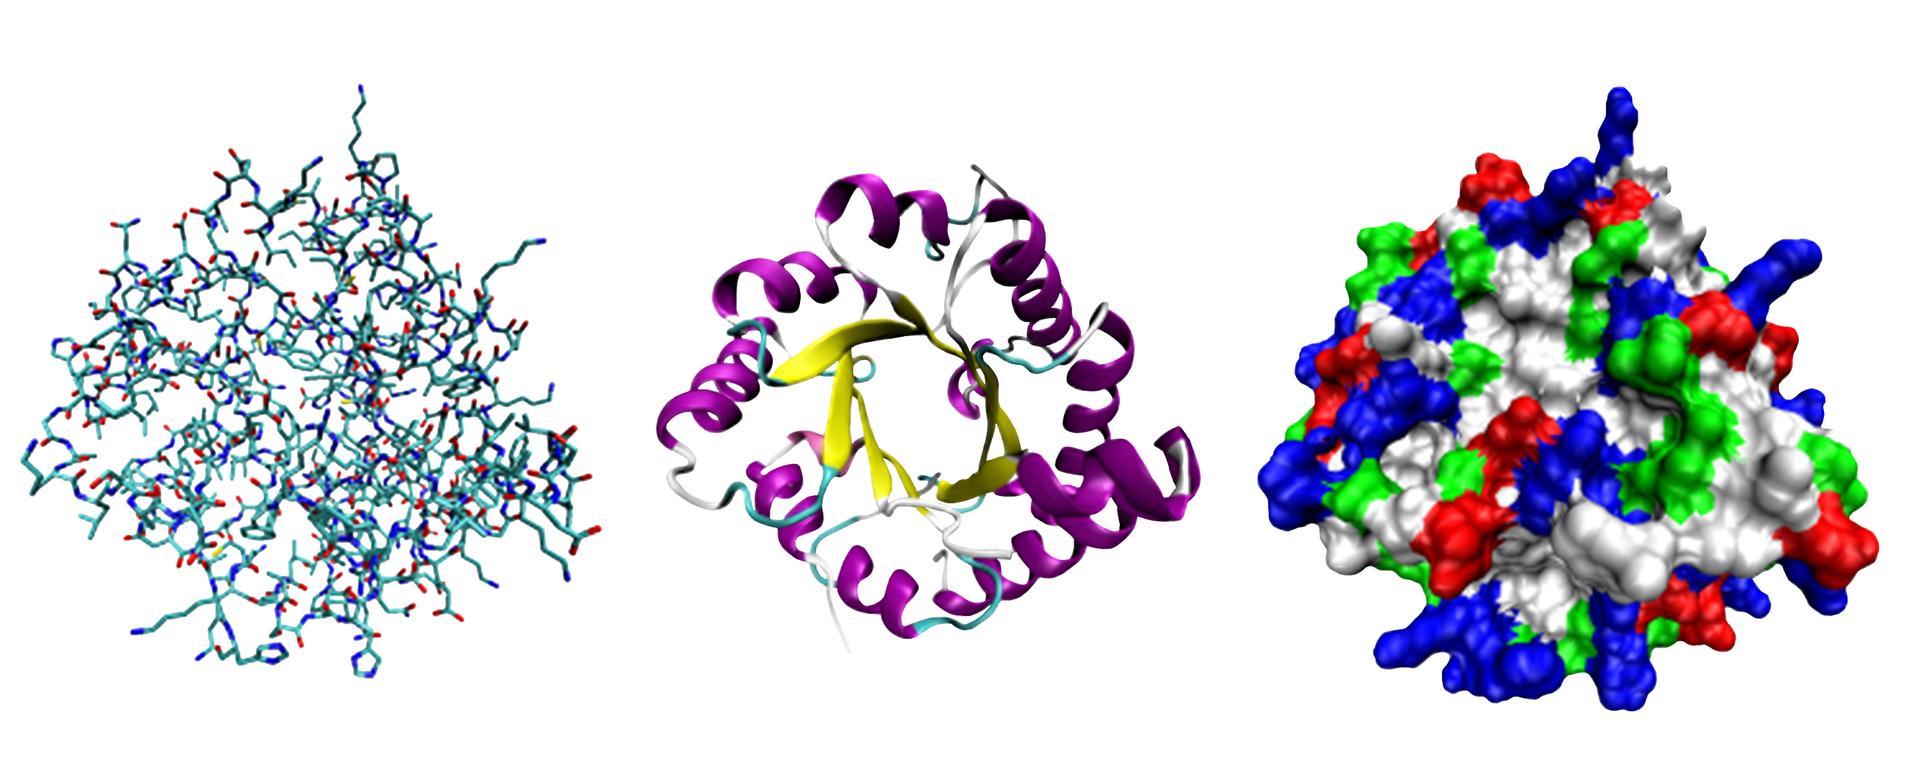 Różne sposoby przedstawiania struktury białek